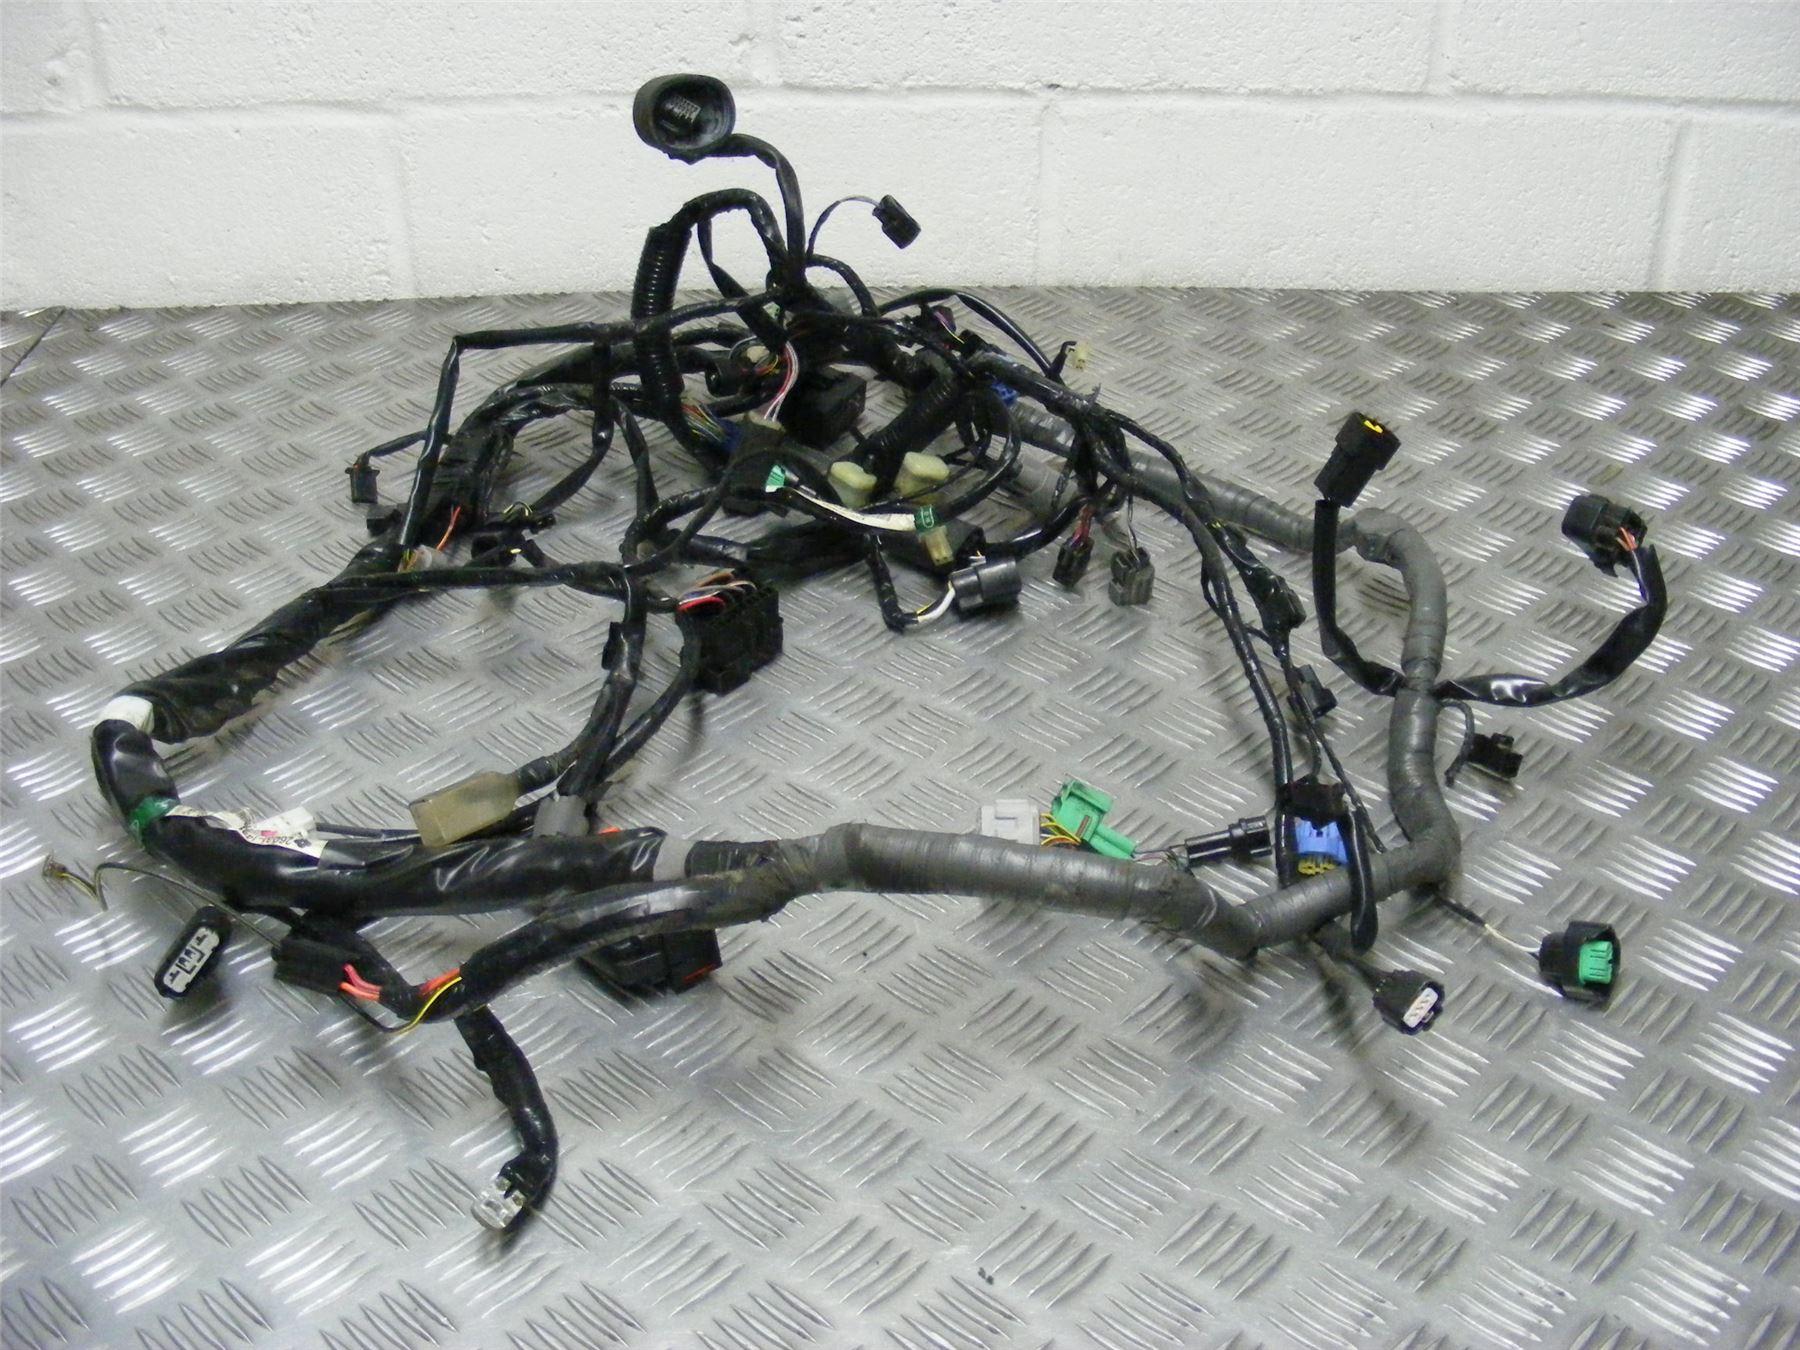 Kawasaki Zzr1400 Zzr 1400 Zx14r Zx14 2012 Wiring Harness Loom 140 Adly